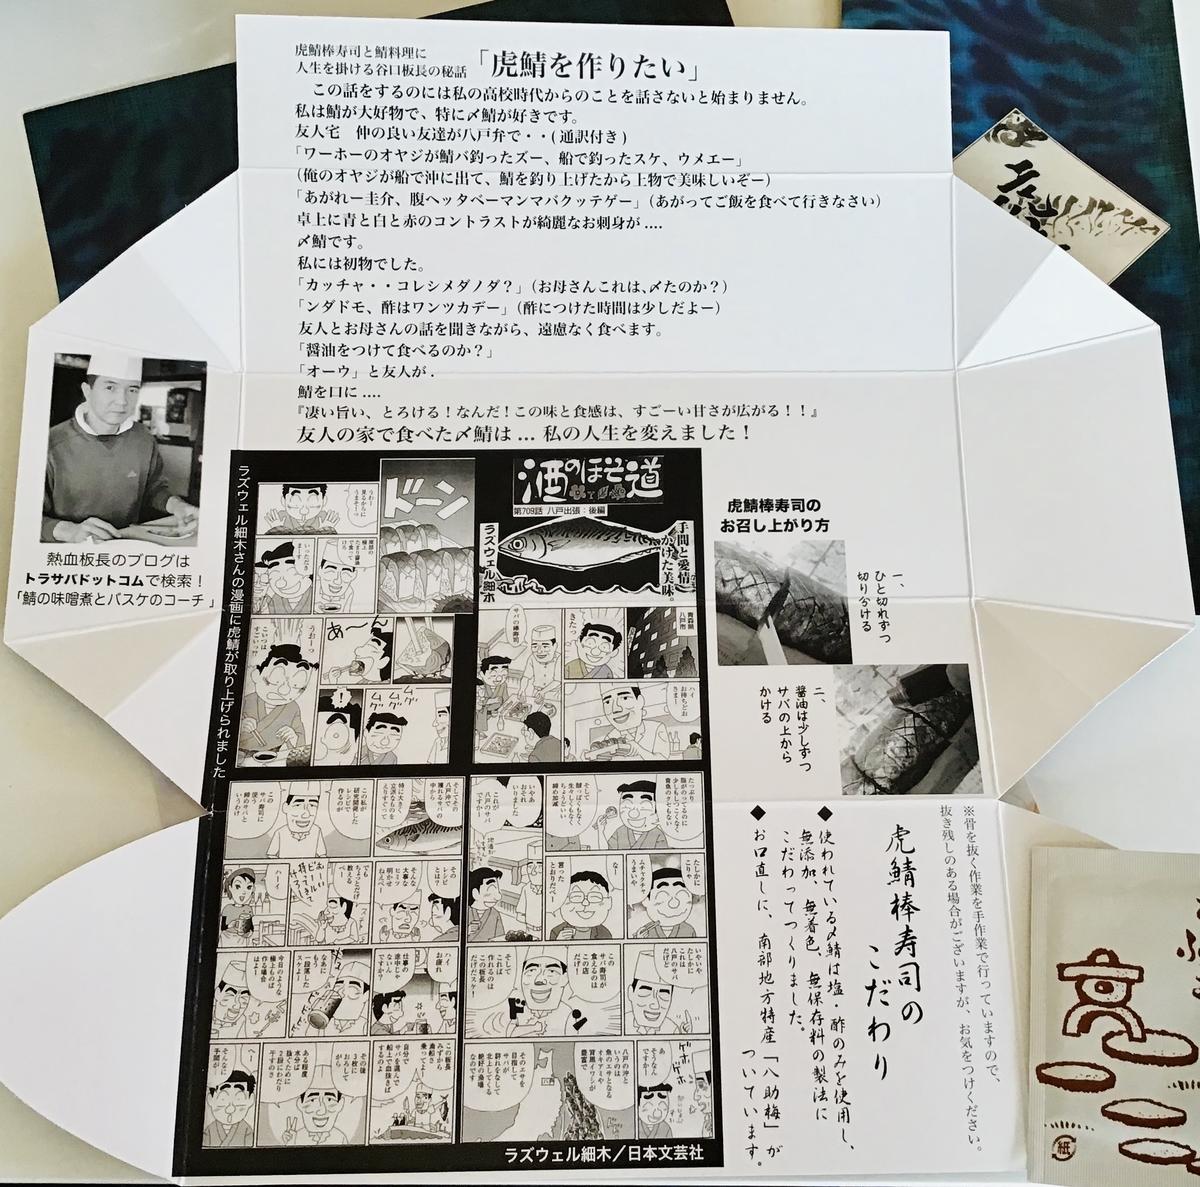 f:id:yumeusagiyukiusagi:20201001002514j:plain